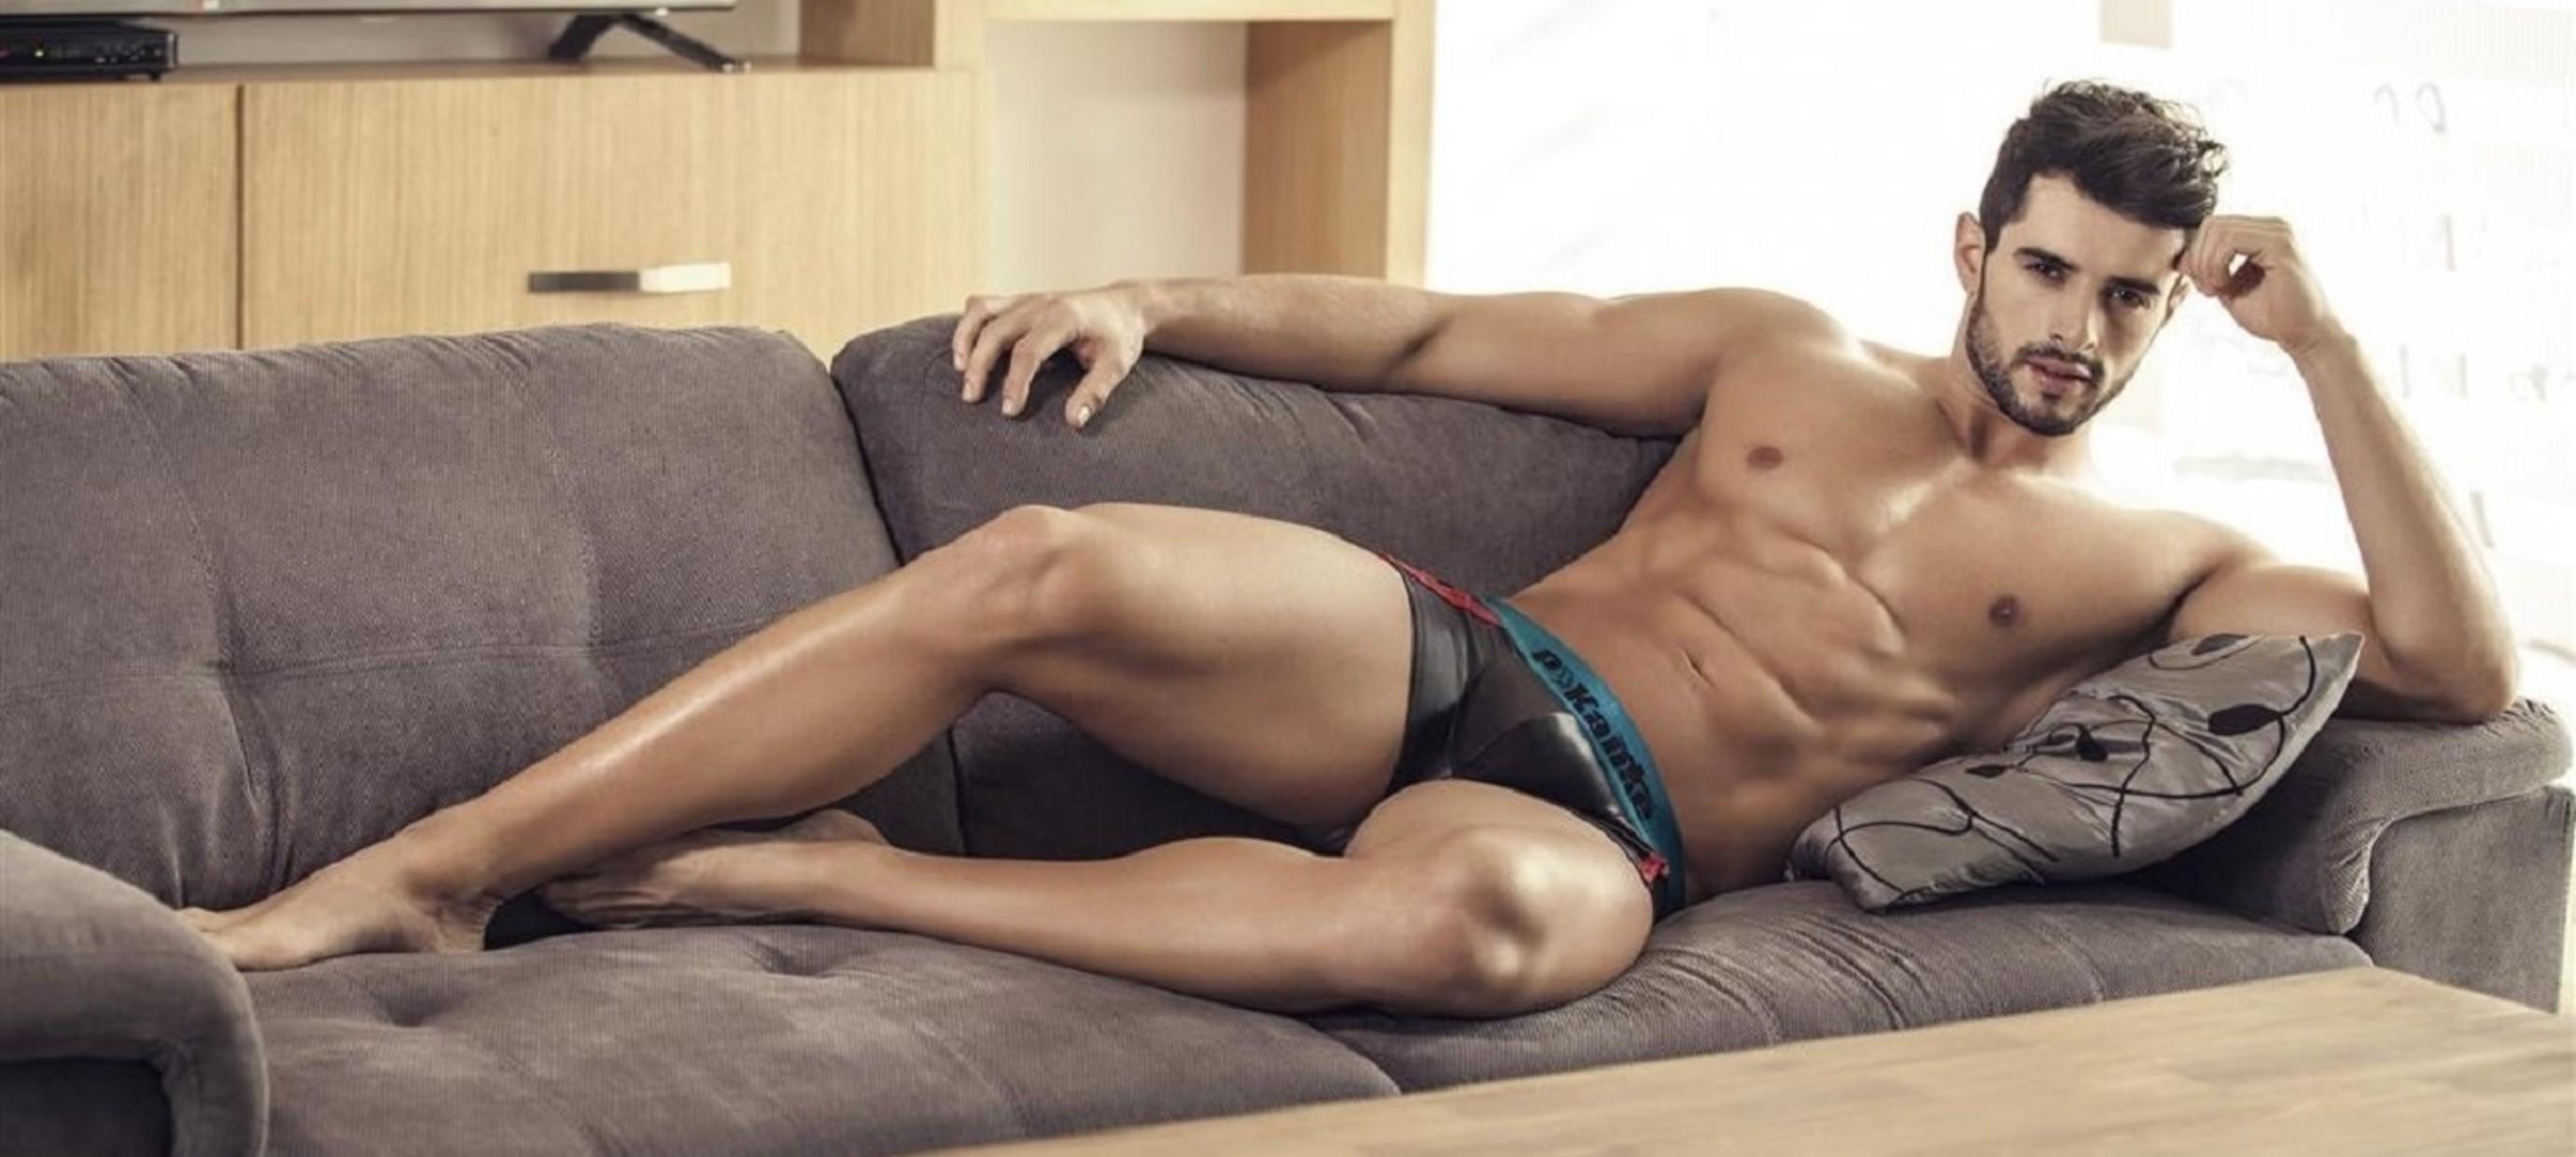 Latex Look Men's Underwear